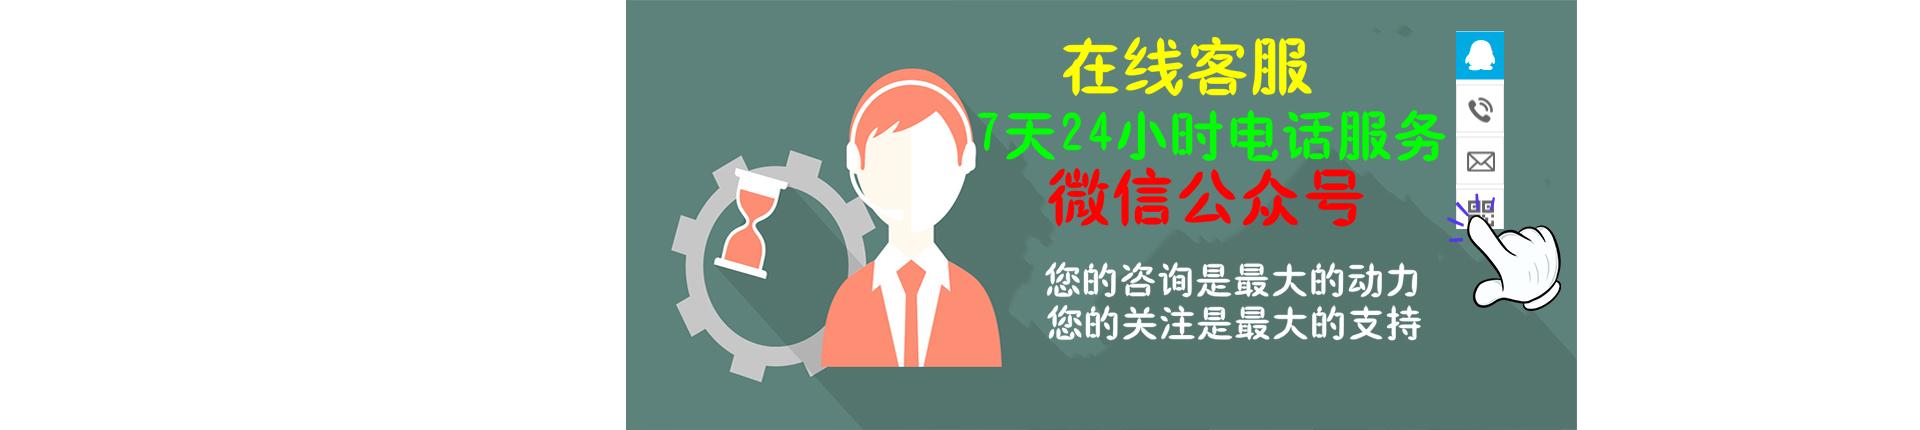 深圳市厚科技达电子元器件在线客服